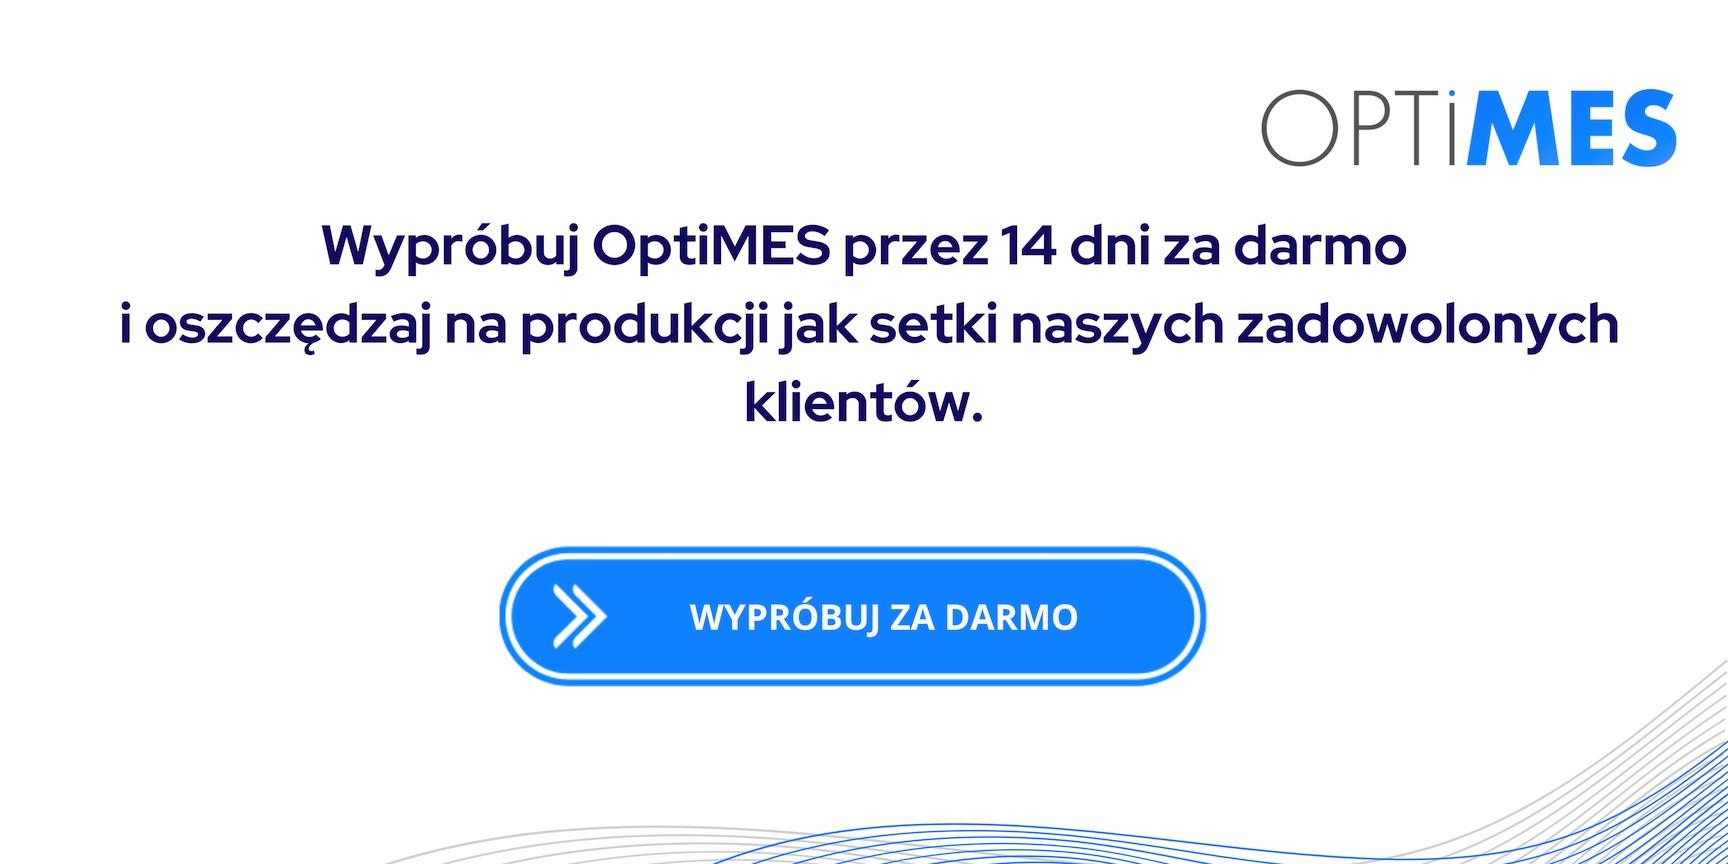 wypróbuj za darmo system OptiMES